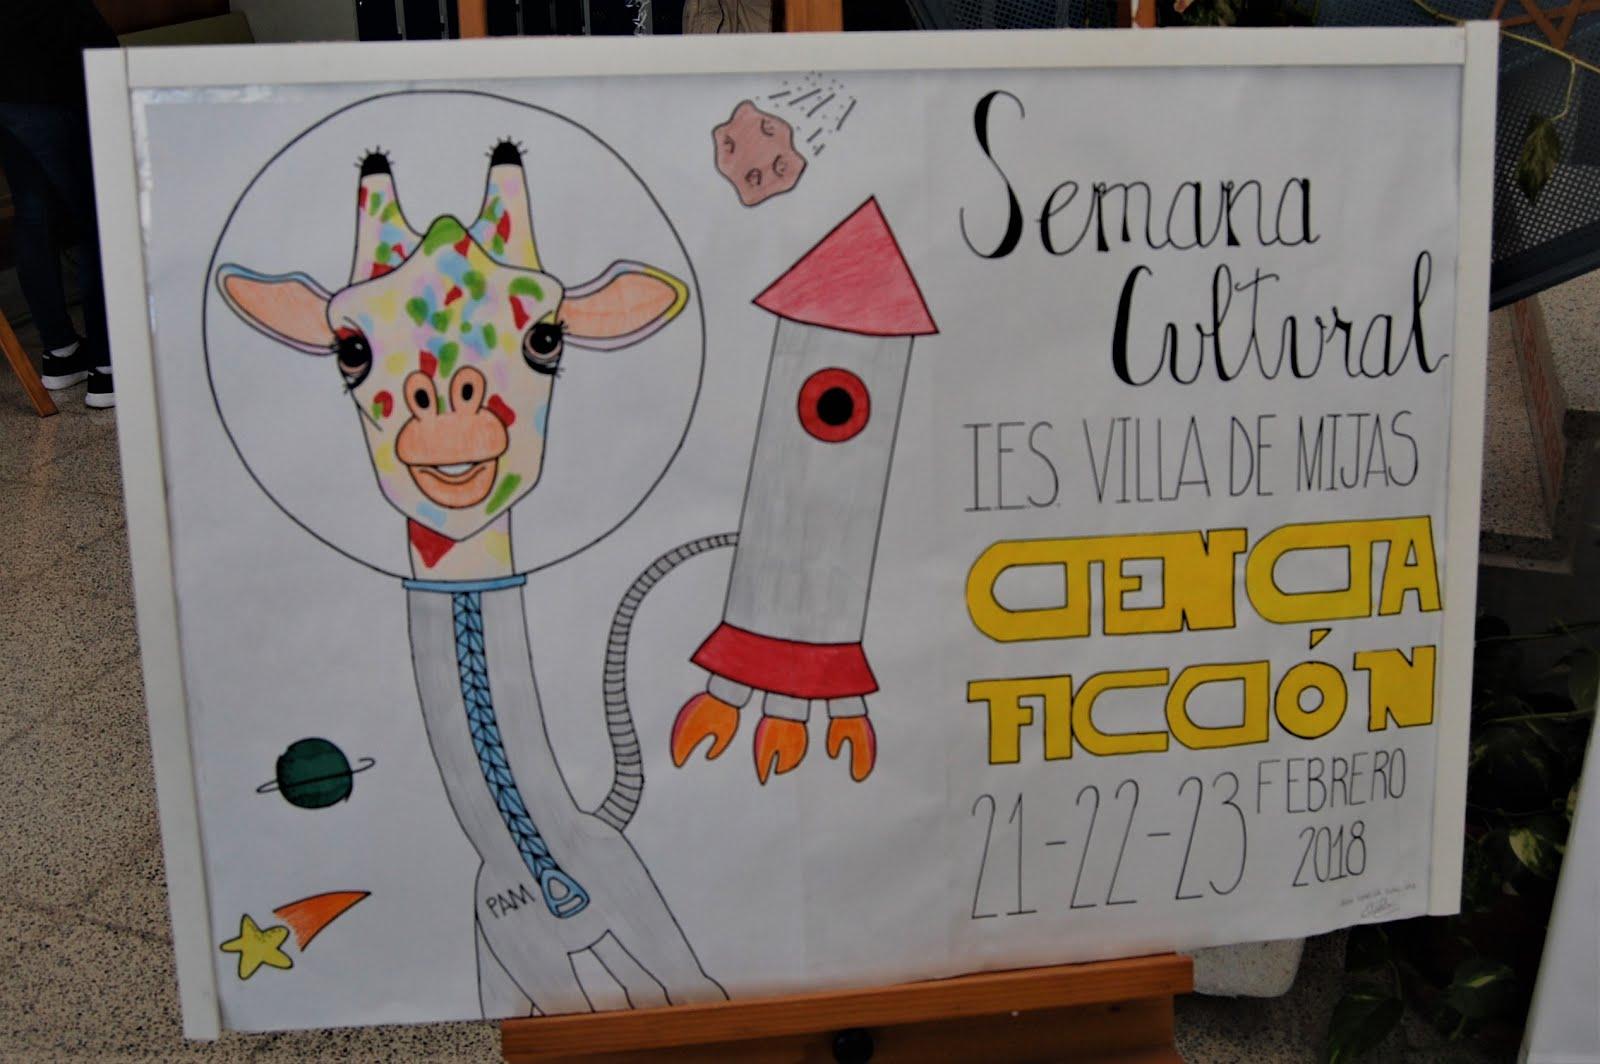 SEMANA CULTURAL 2018 CIENCIA FICCIÓN